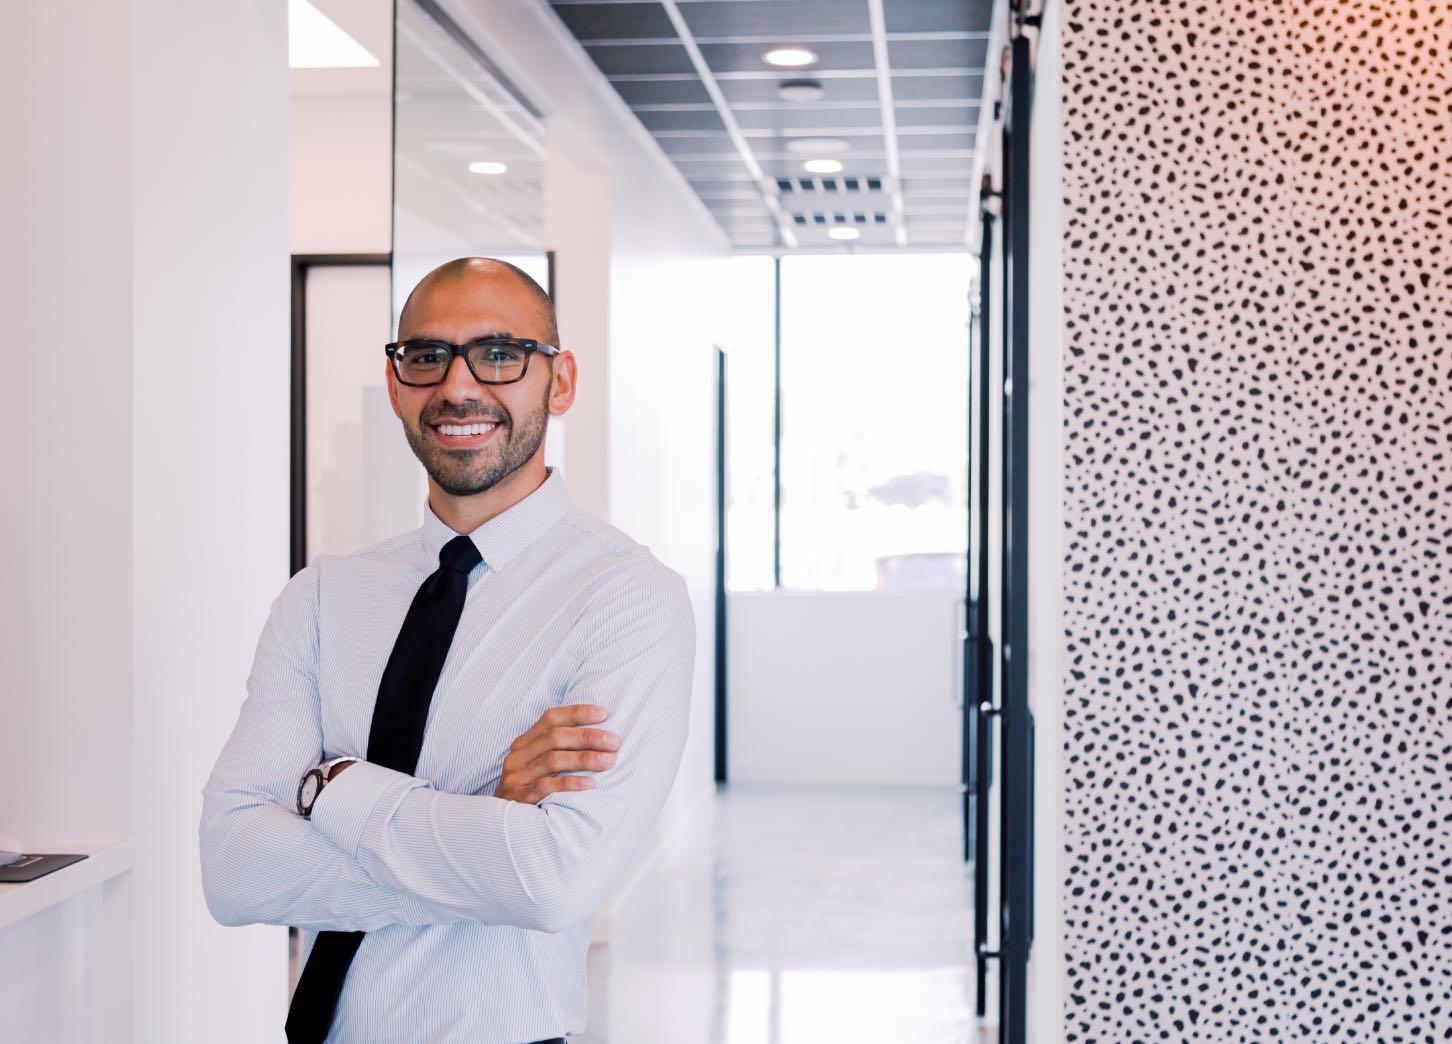 Photo of dentist Dr. Forrest Arguelles